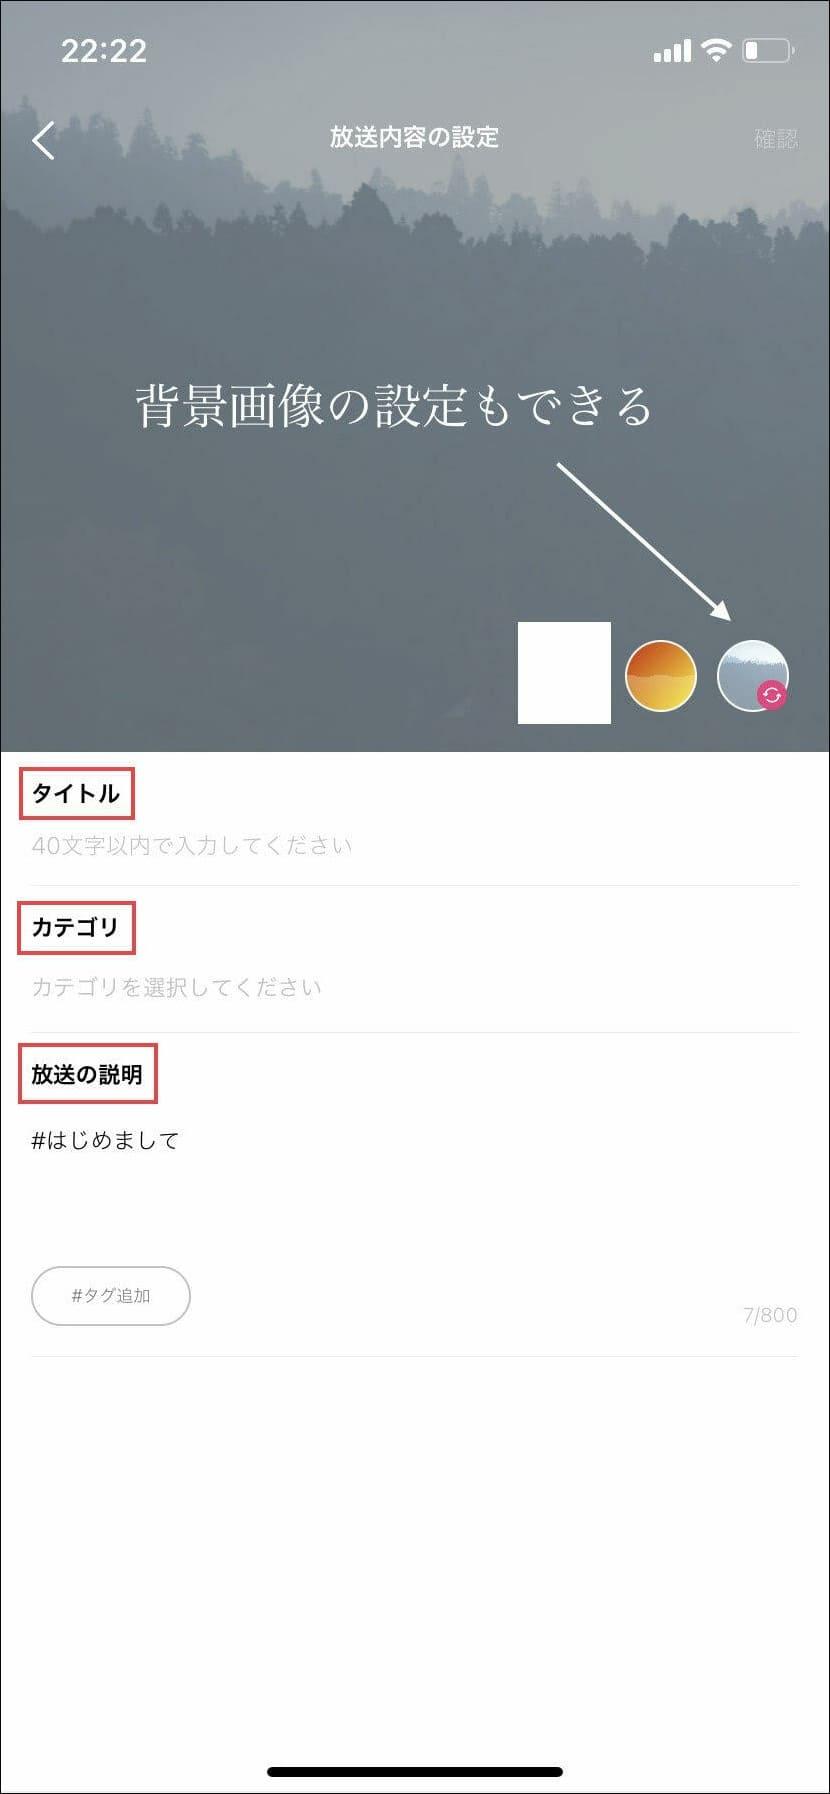 画像: 放送に関する設定画面もシンプルでわかりやすい。